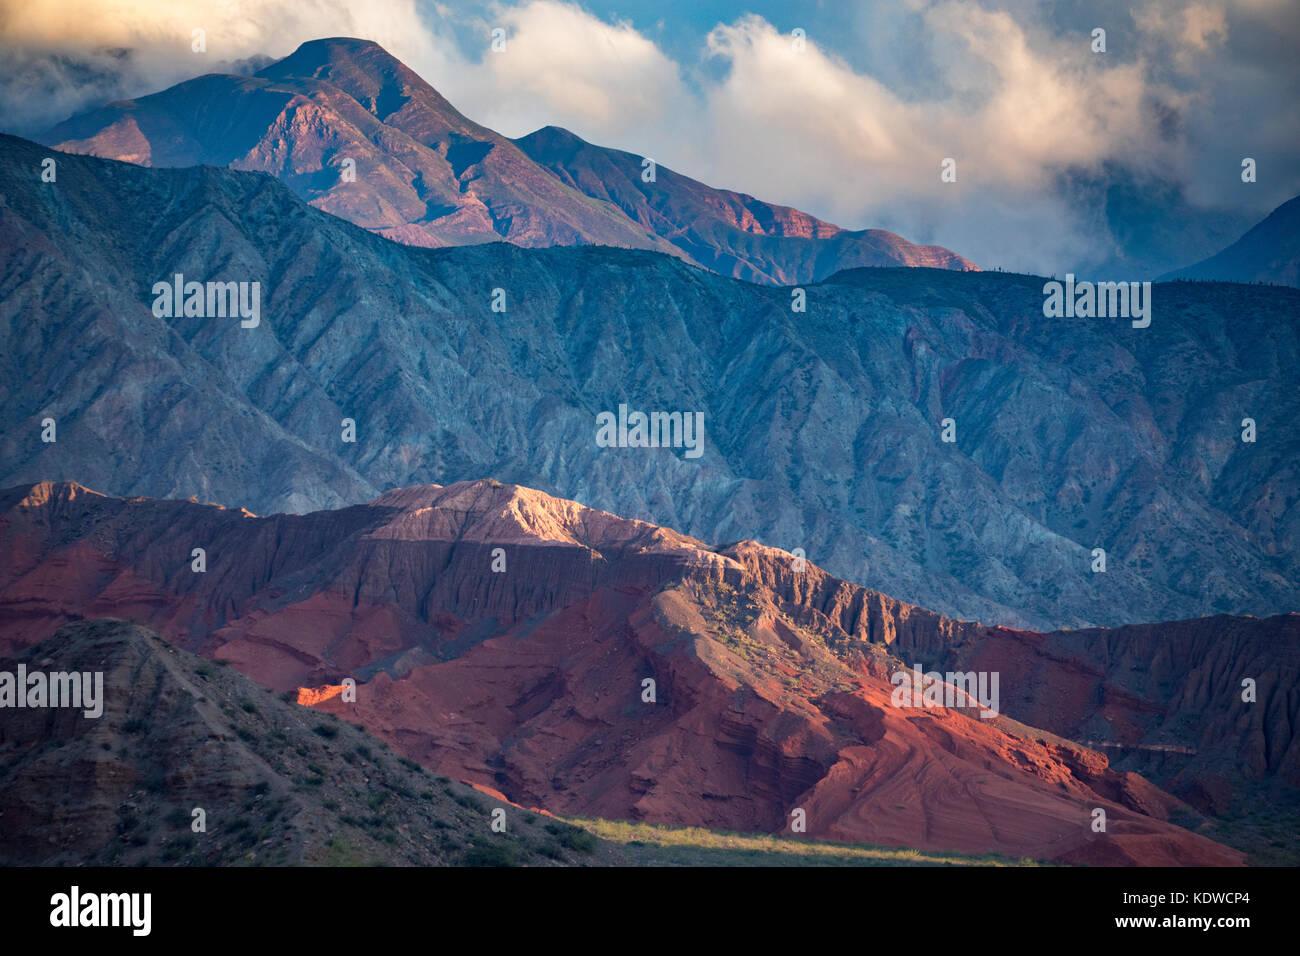 La Quebrada de la caracolas, Valles Calchaquíes, Provincia de Salta, Argentina Imagen De Stock